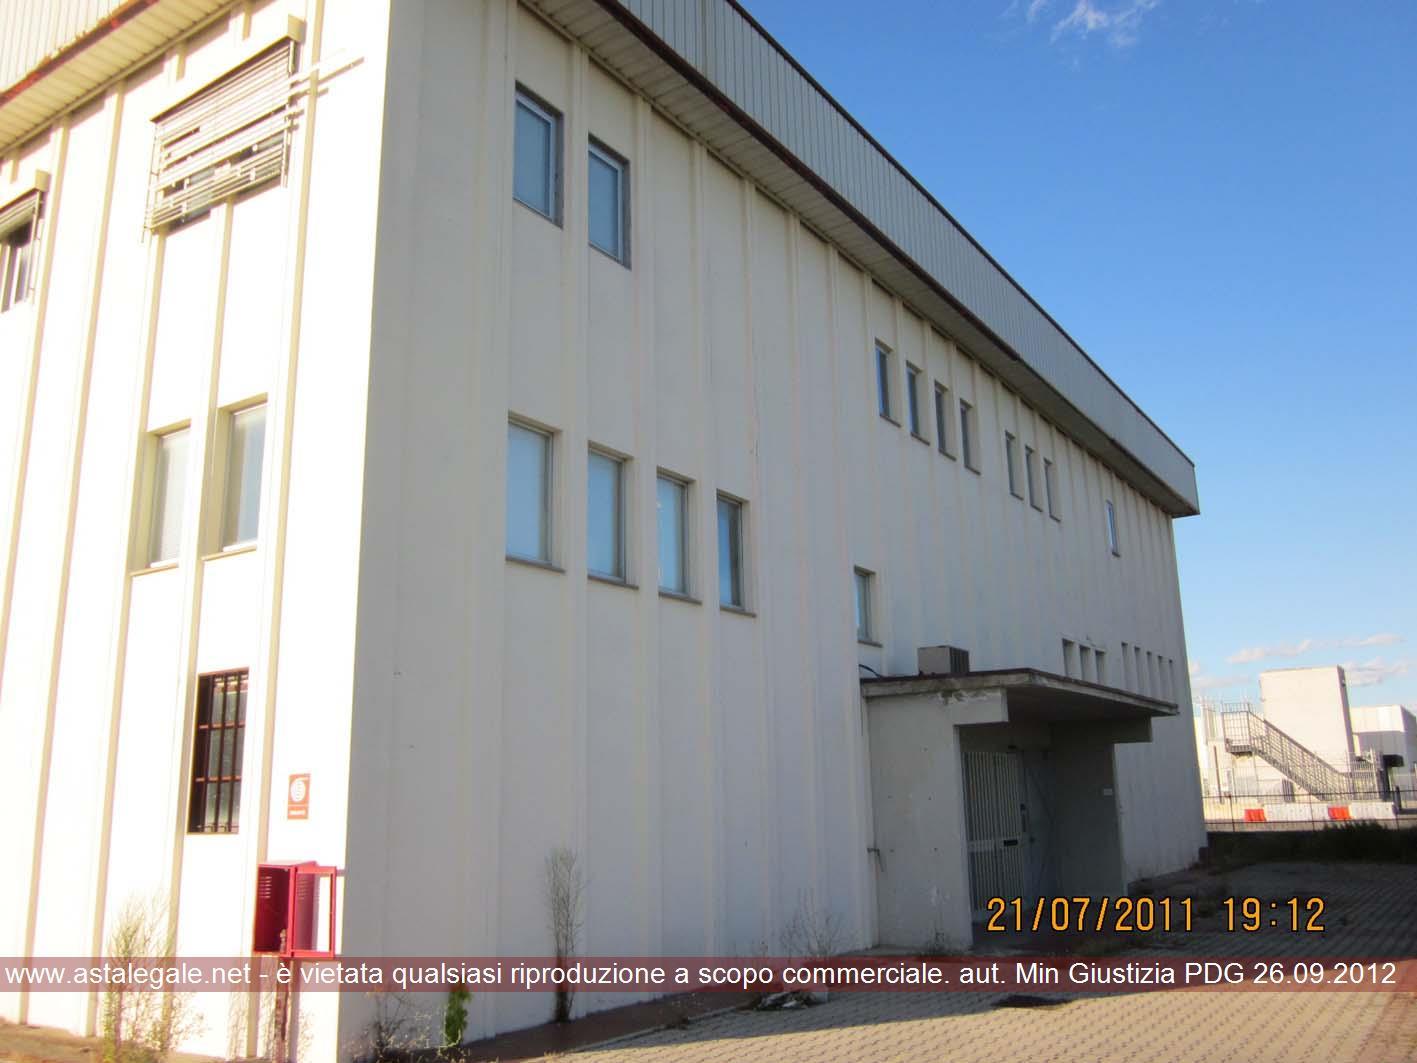 Castiglion Fiorentino (AR) Localita' Manciano 48B - 48C - 48D